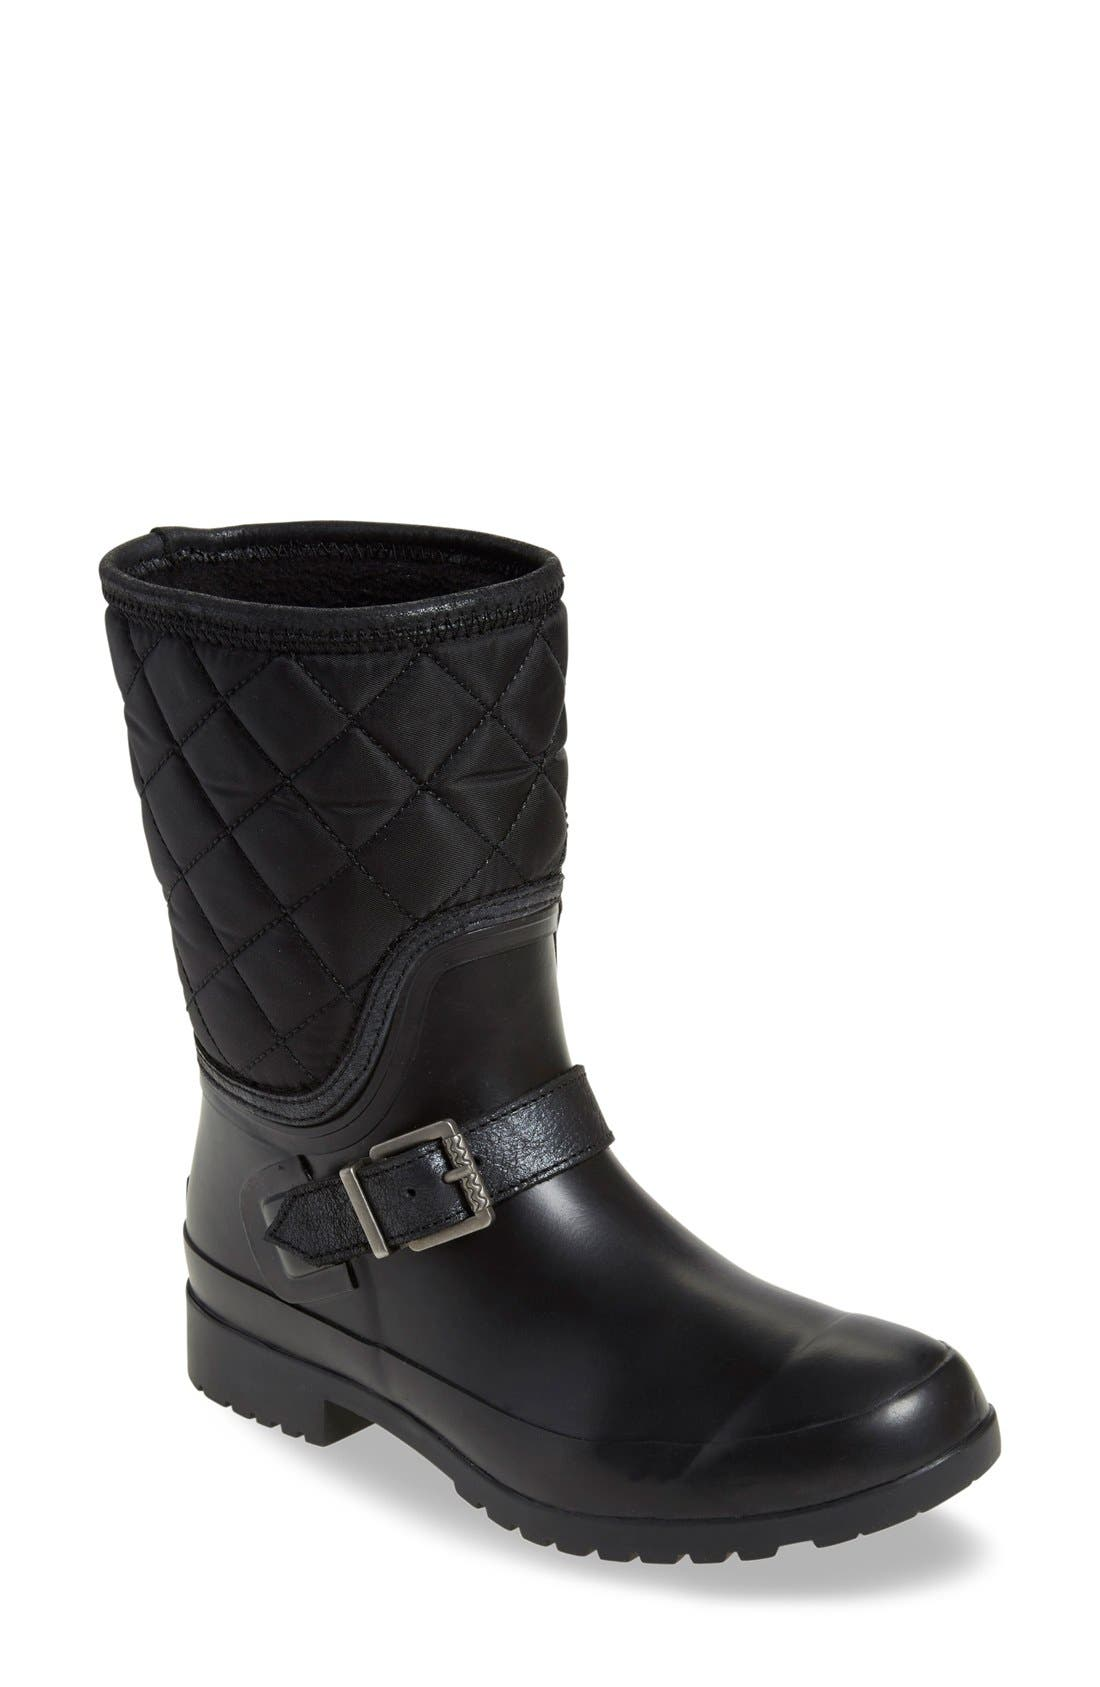 Alternate Image 1 Selected - Sperry Walker Gray Nylon Quilt Boot (Women)